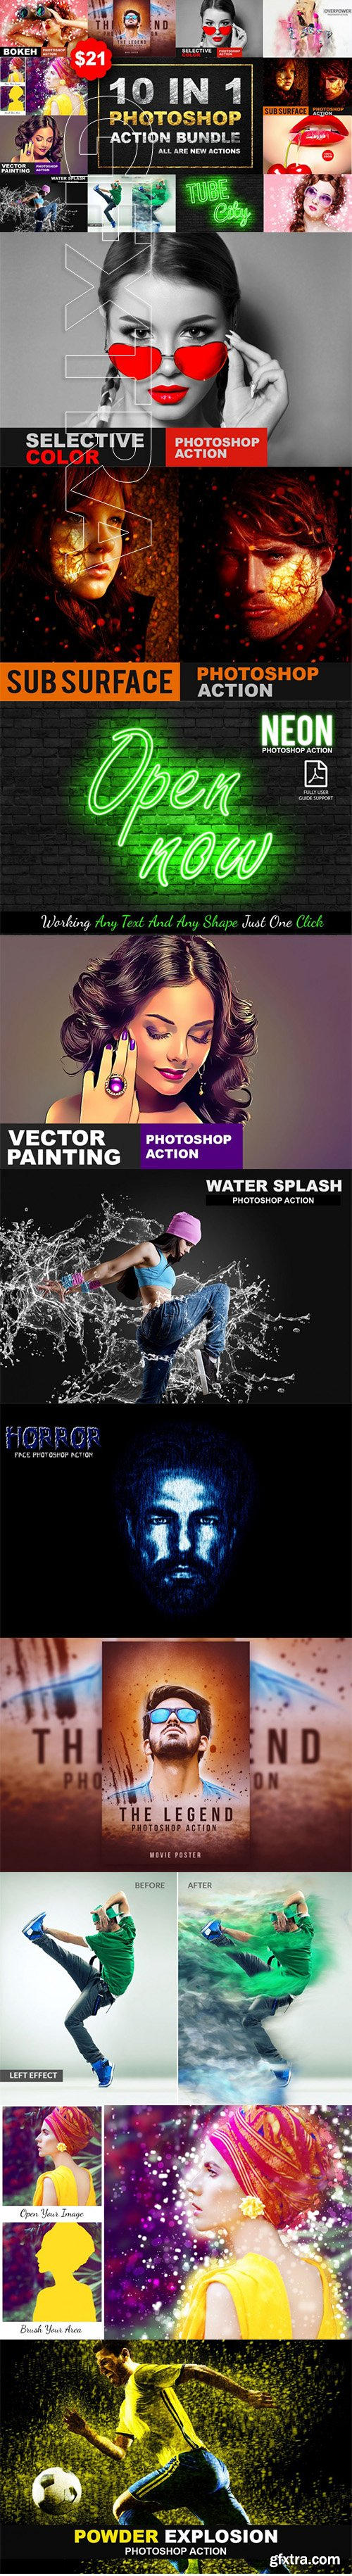 10 In 1 Photoshop Action Bundle V-1